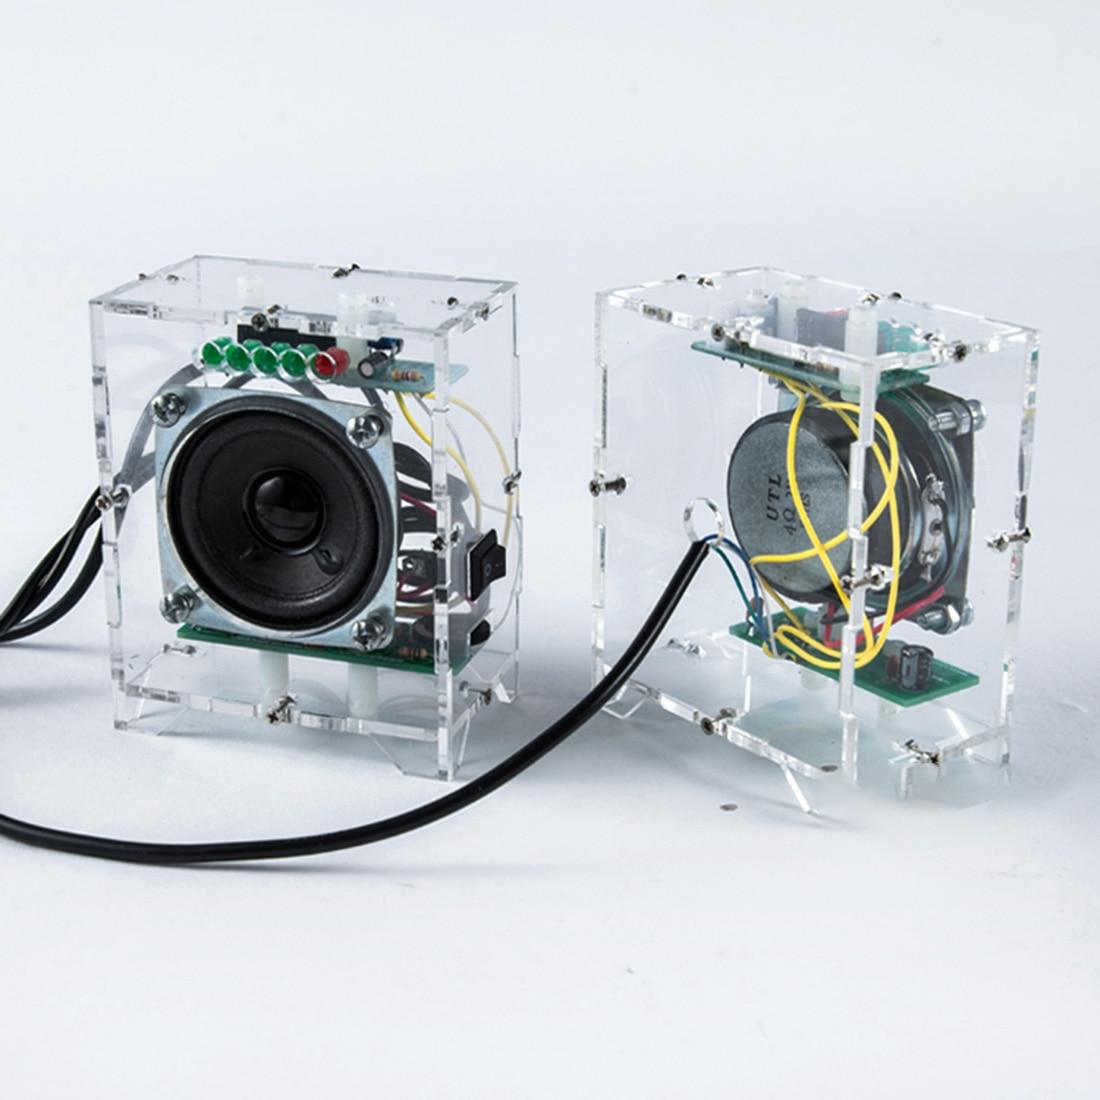 Hot 2Pcs DIY Mini Speaker Kit MP3 Small Speaker Sound Amplifier With LED Music Spectrum For Children Kids Early Educational Toys